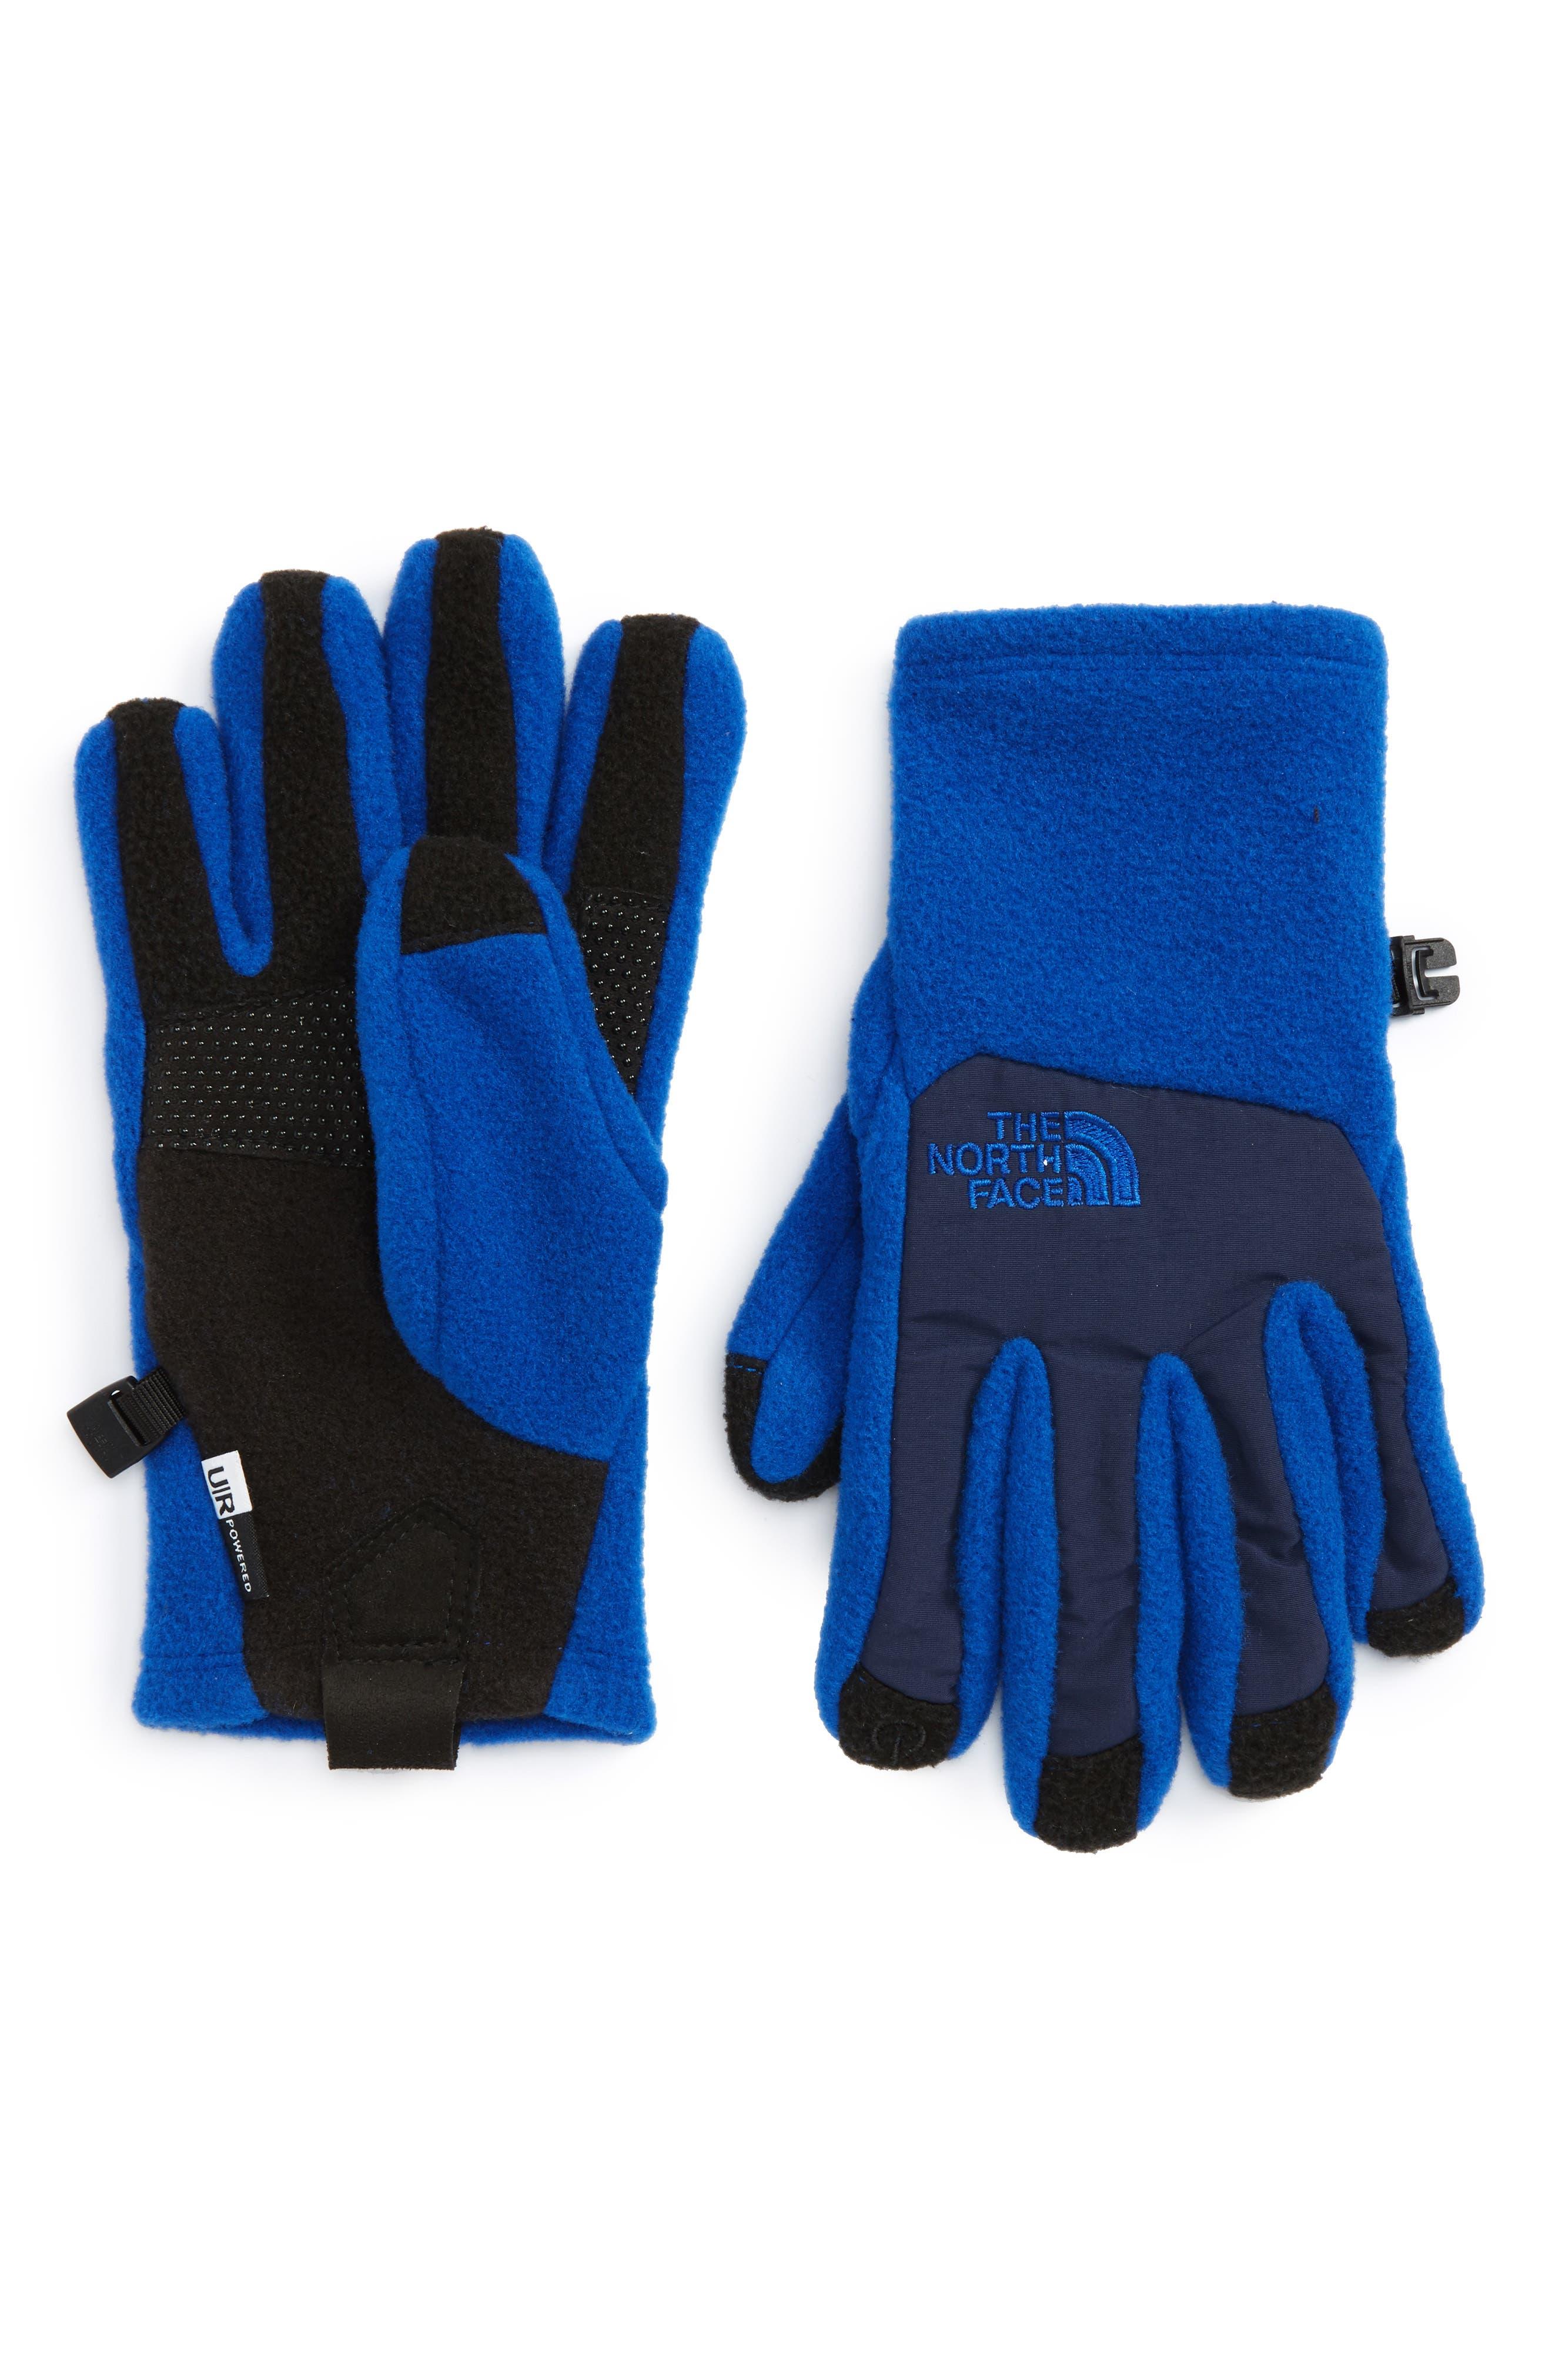 Denali Etip Gloves,                         Main,                         color, 401